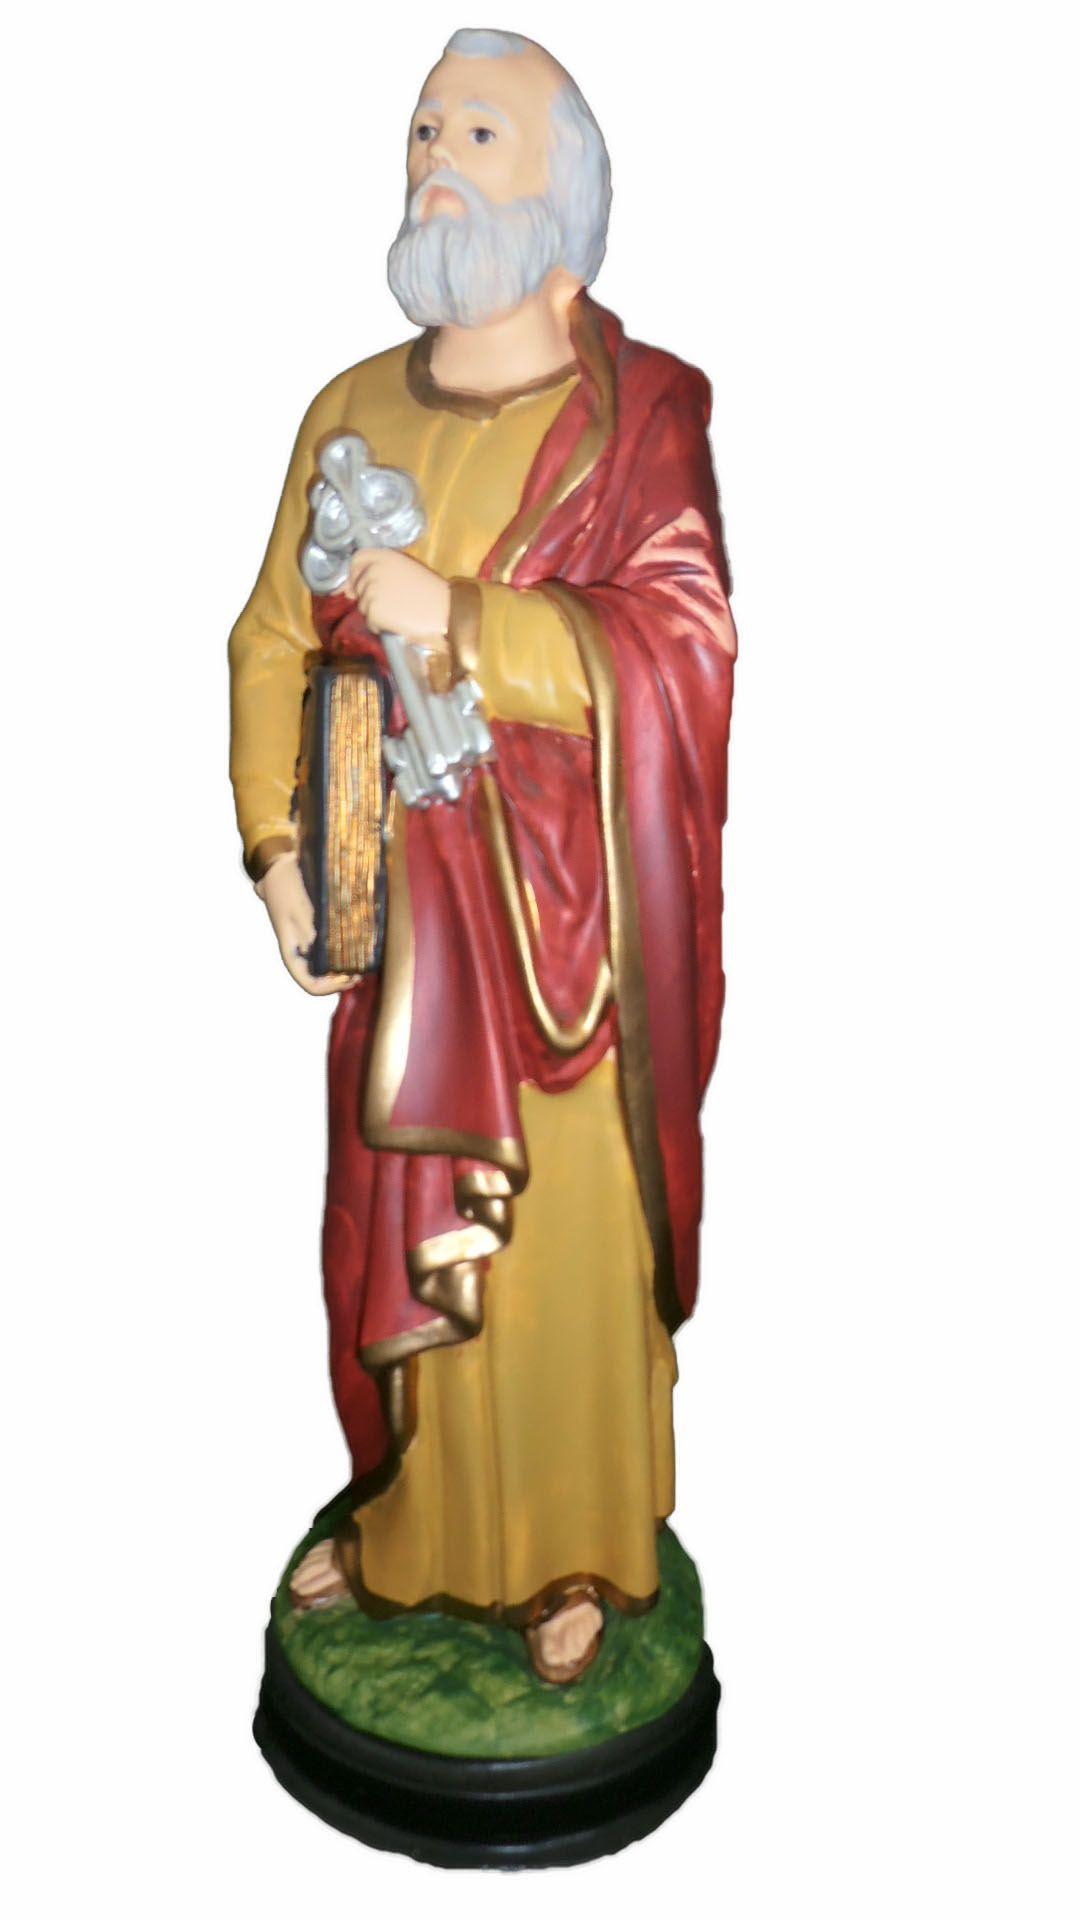 São Pedro - 35 cm